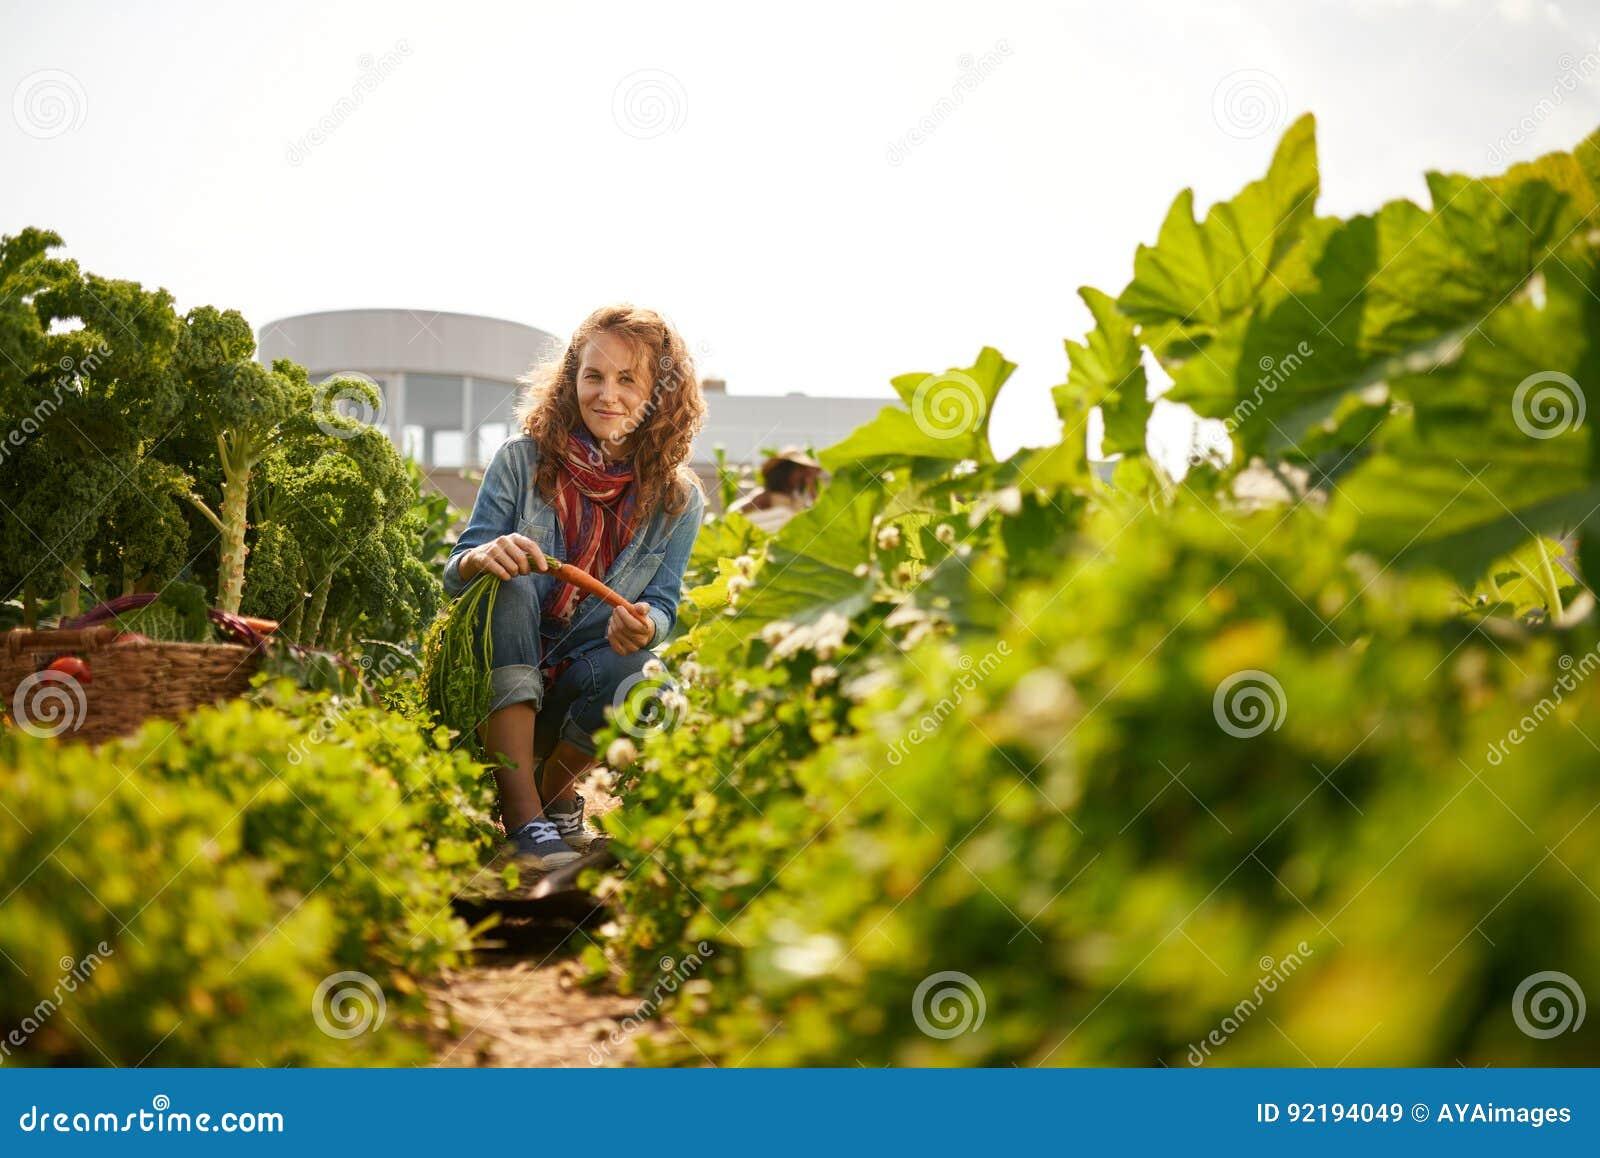 Vriendschappelijke vrouw die verse groenten van de tuin van de dakserre oogsten